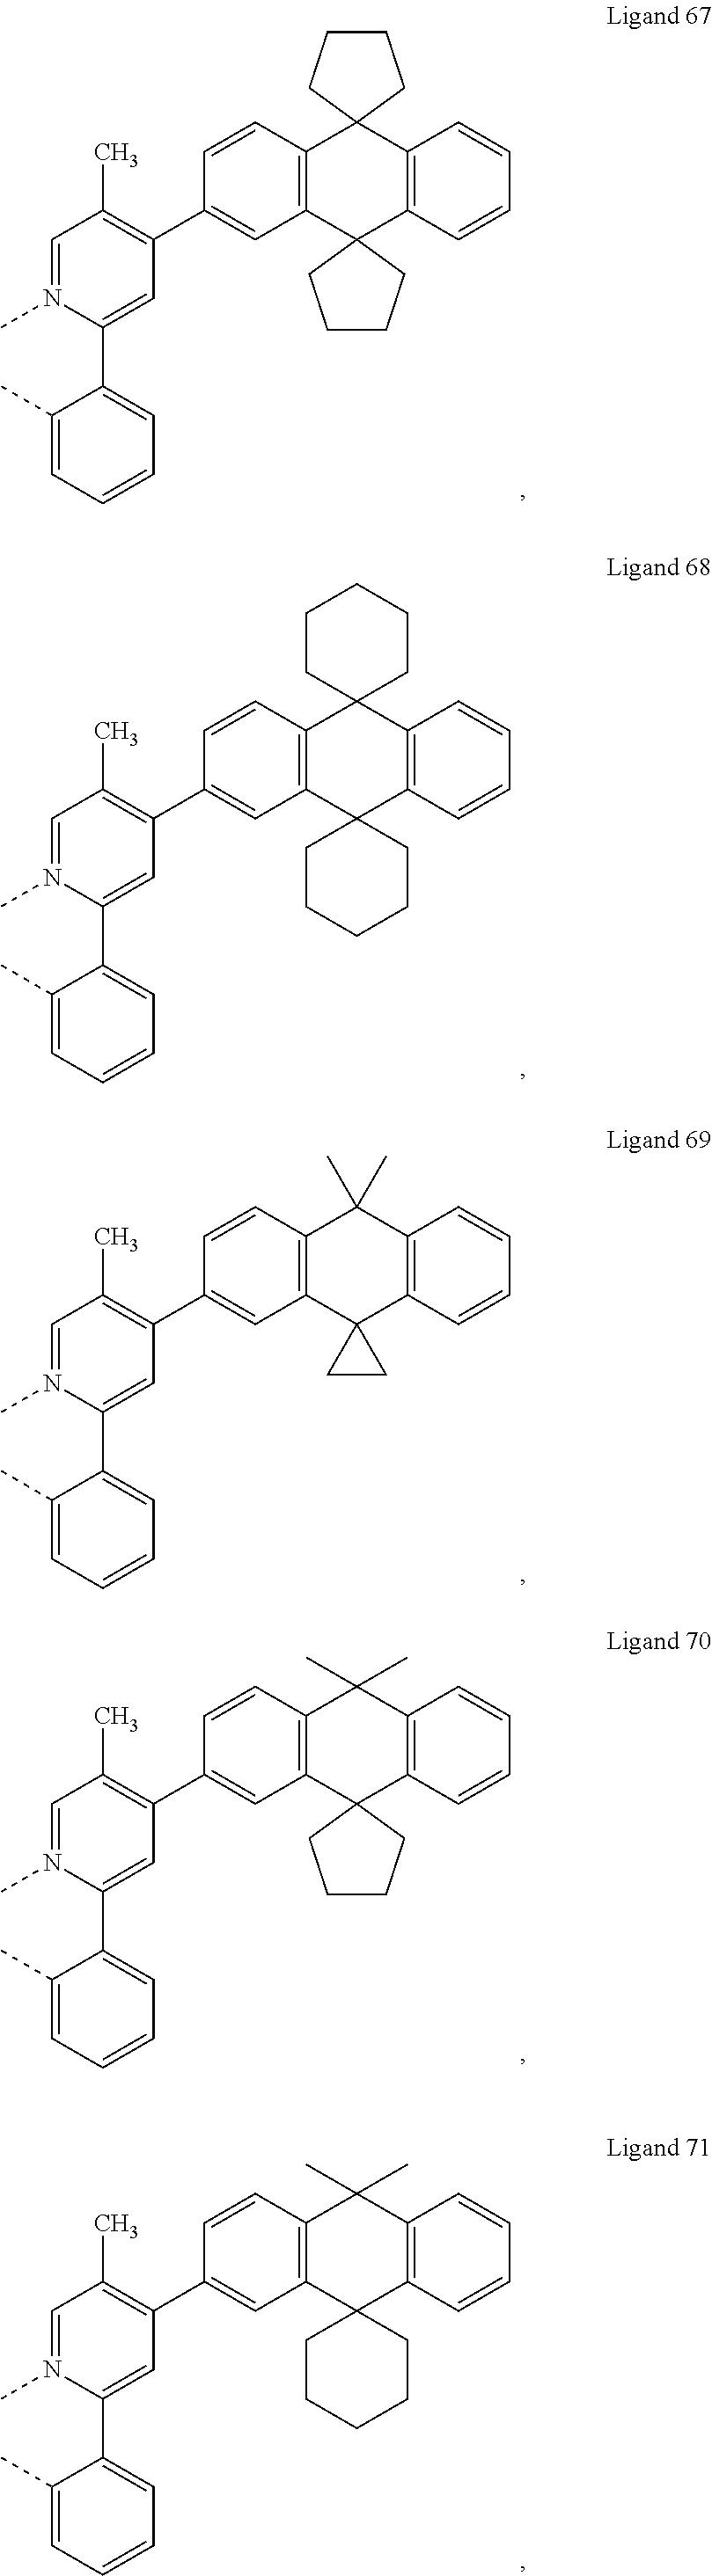 Figure US20180130962A1-20180510-C00242